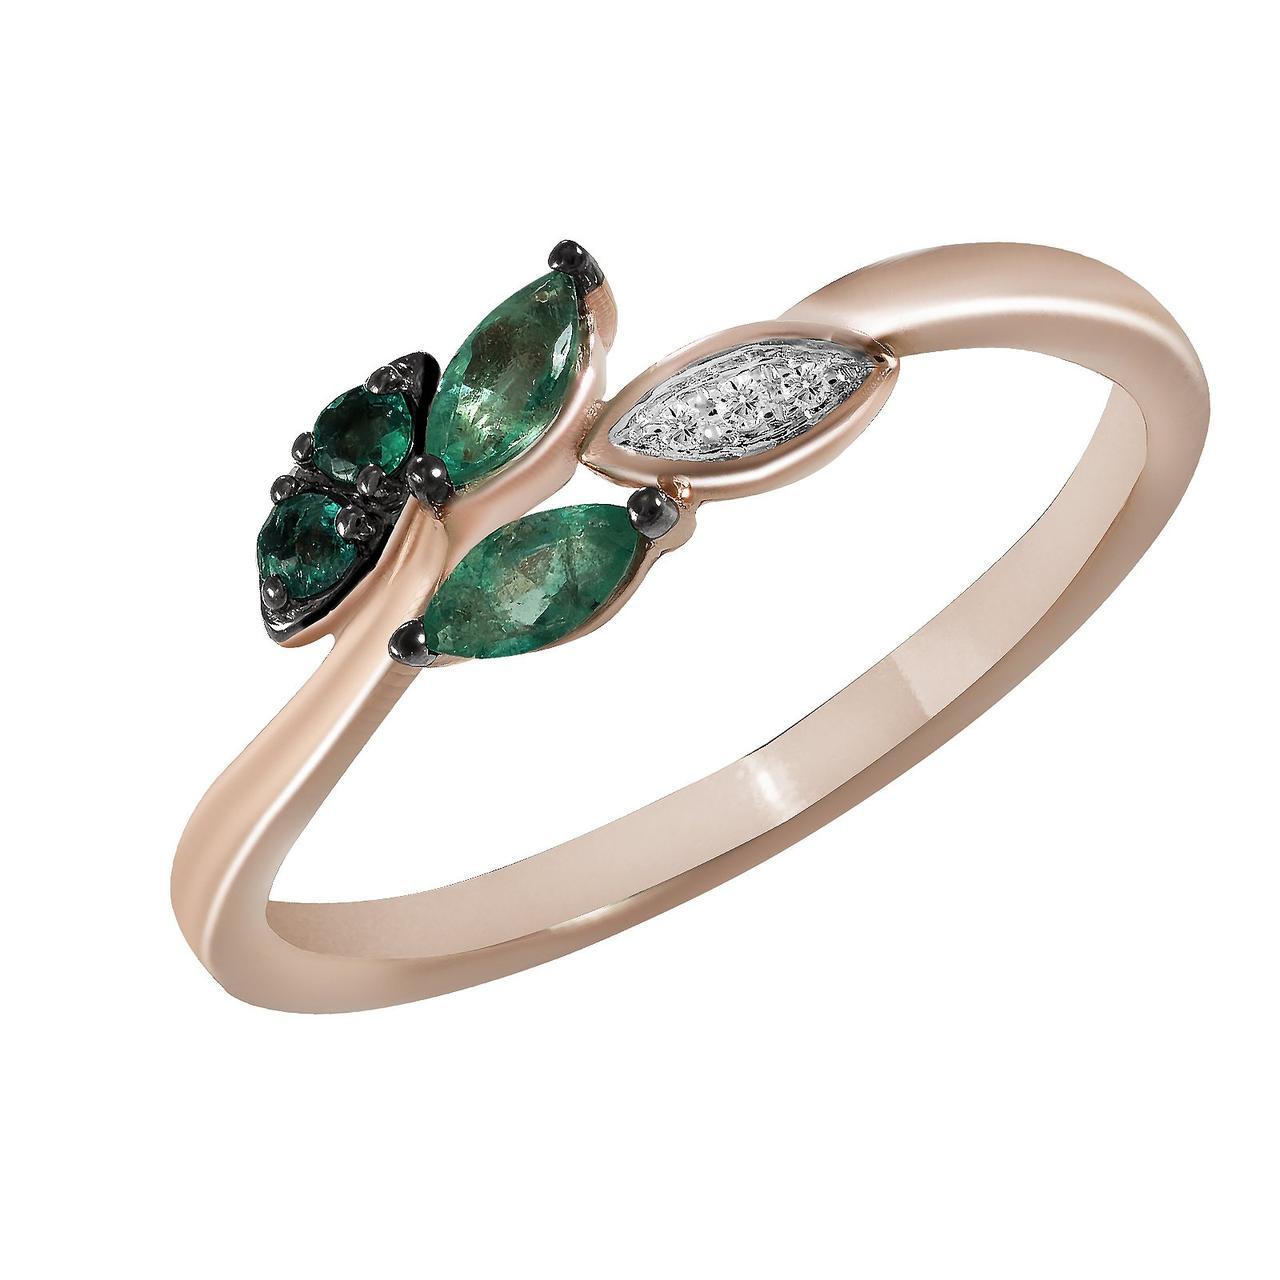 Золотое кольцо с бриллиантами и изумрудами, размер 15.5 (825119)